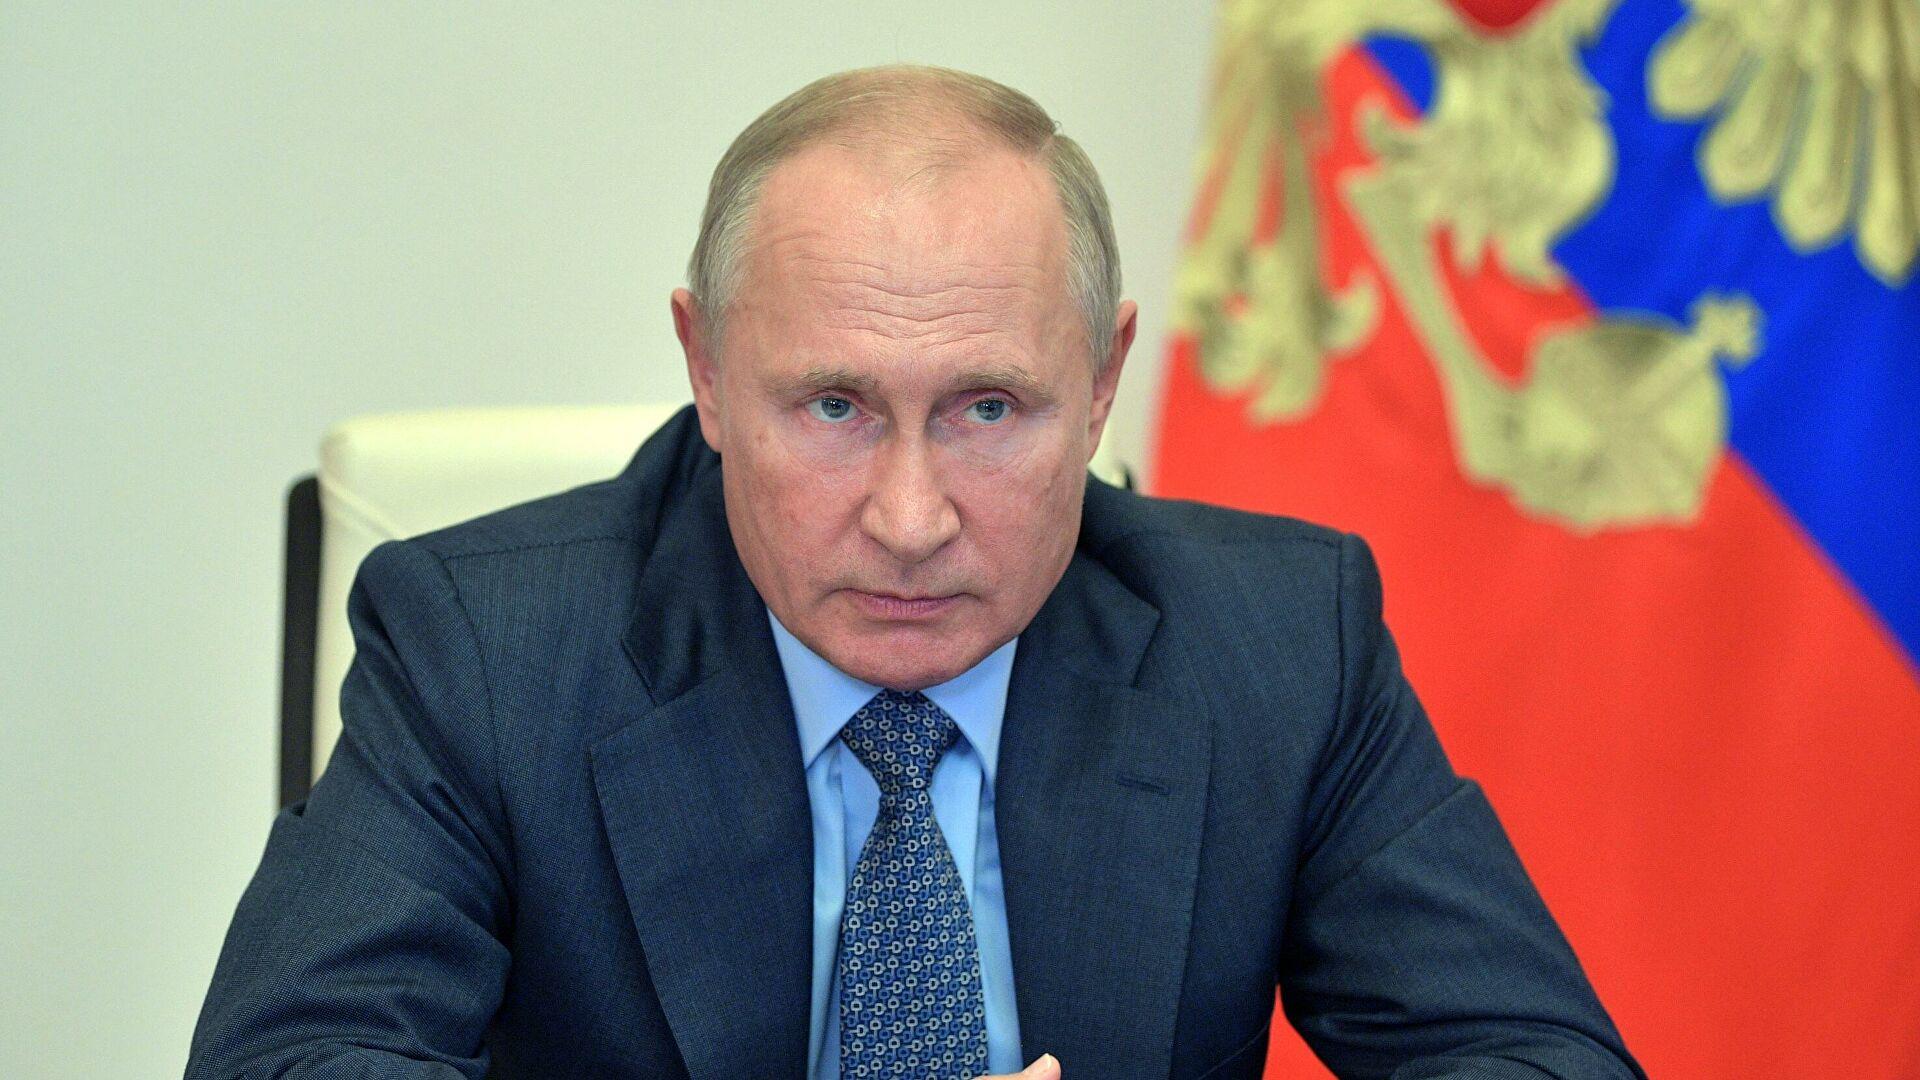 Путин о референдуму на Криму: Полазио сам од чињенице да су могући трагични догађаји којима данас сведочимо у Донбасу